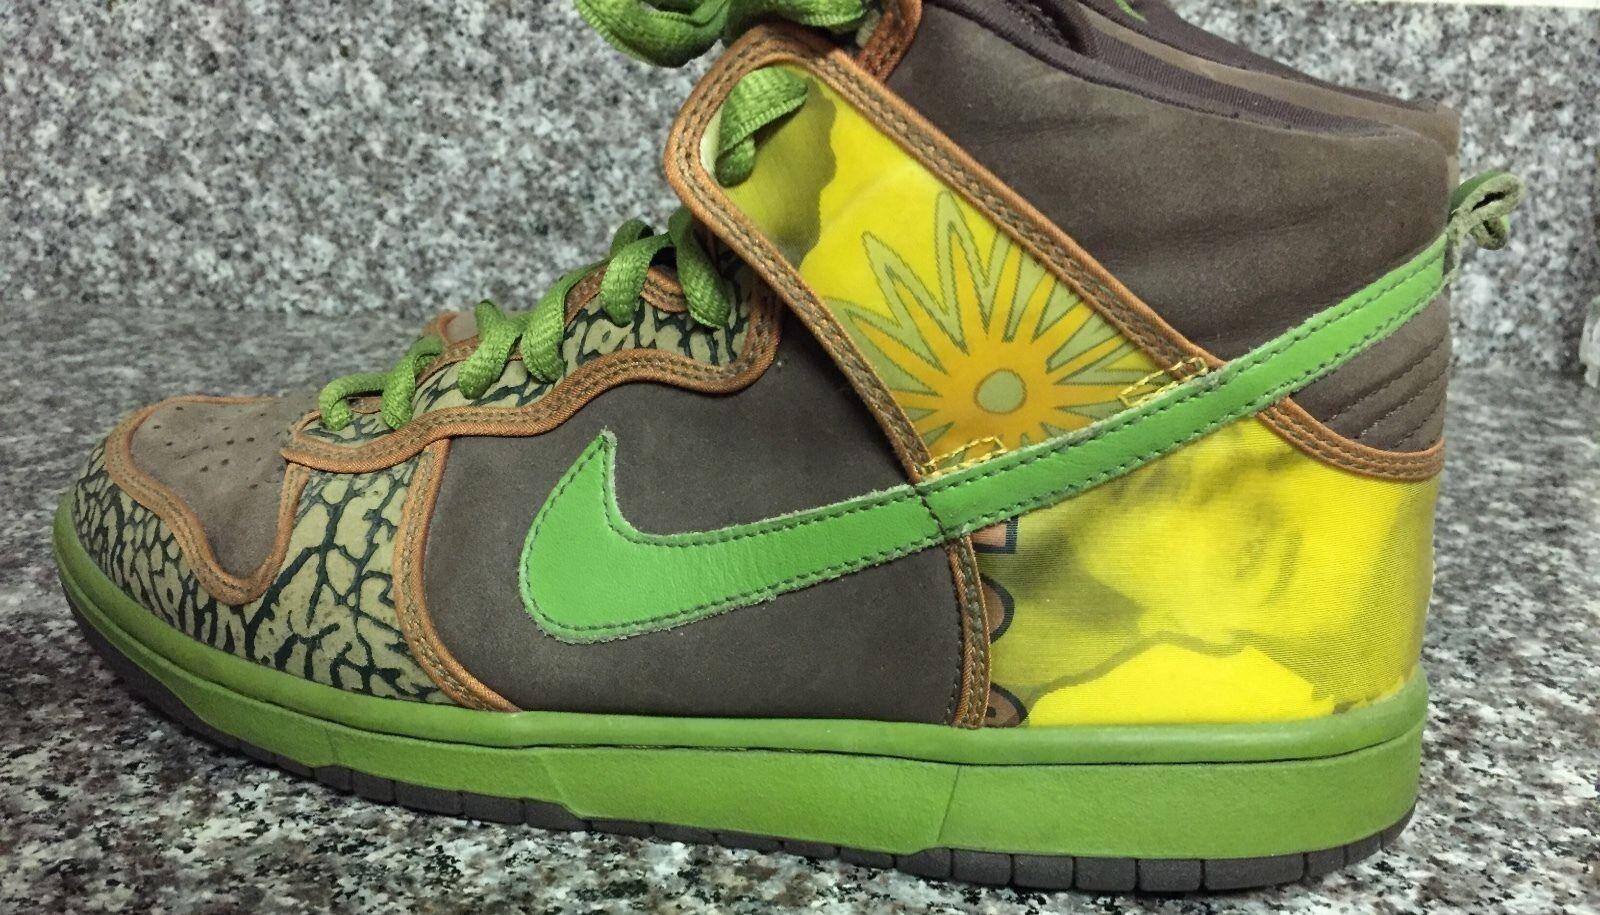 Nike SB De La Soul Dunks High (10.5) OG colorway